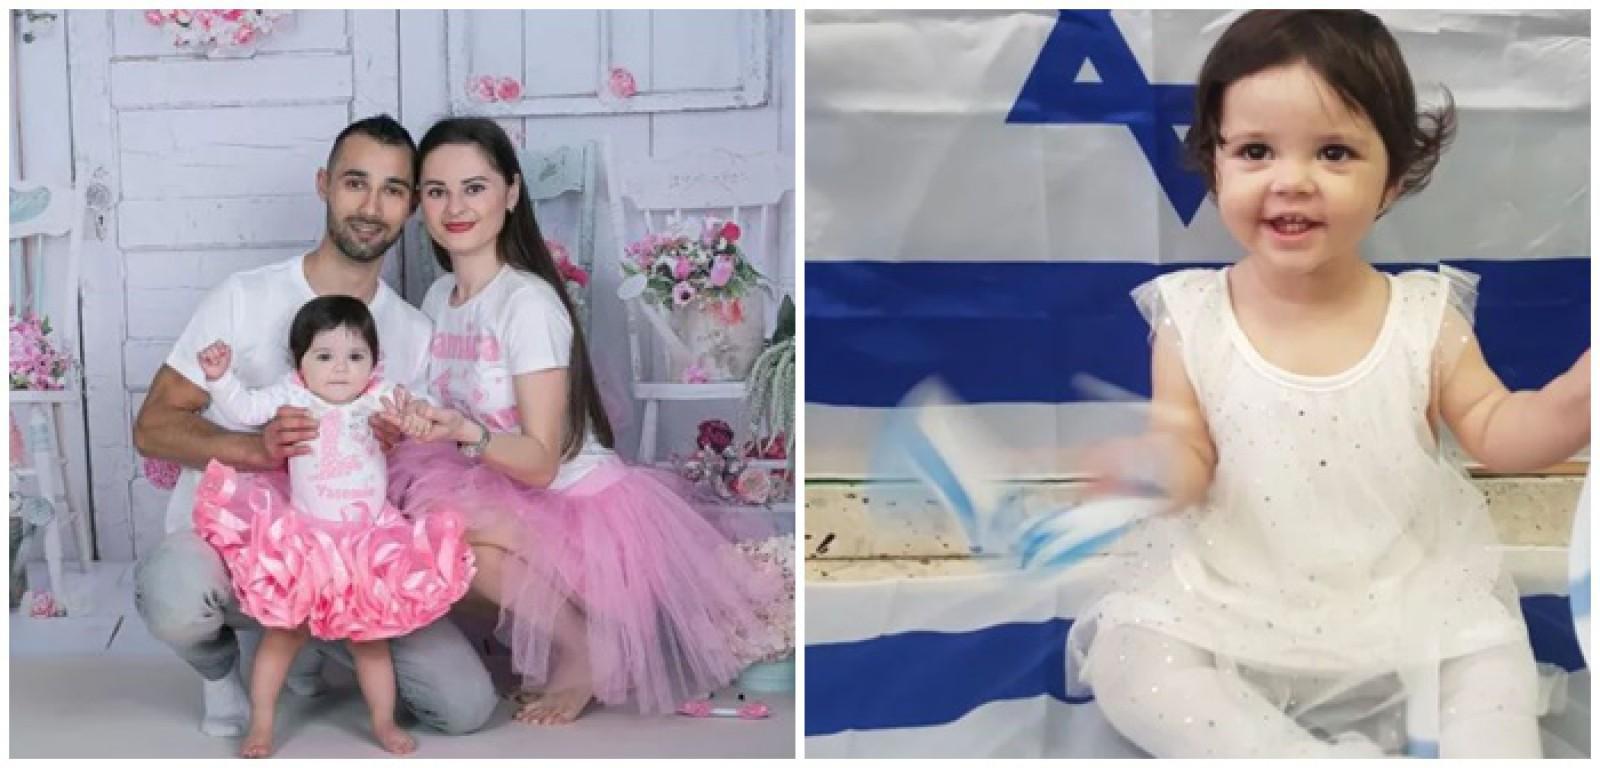 (video) Mesajul mamei Yasminei, fetița care a fost omorâtă la o grădiniță din Israel, la o lună de la tragedie